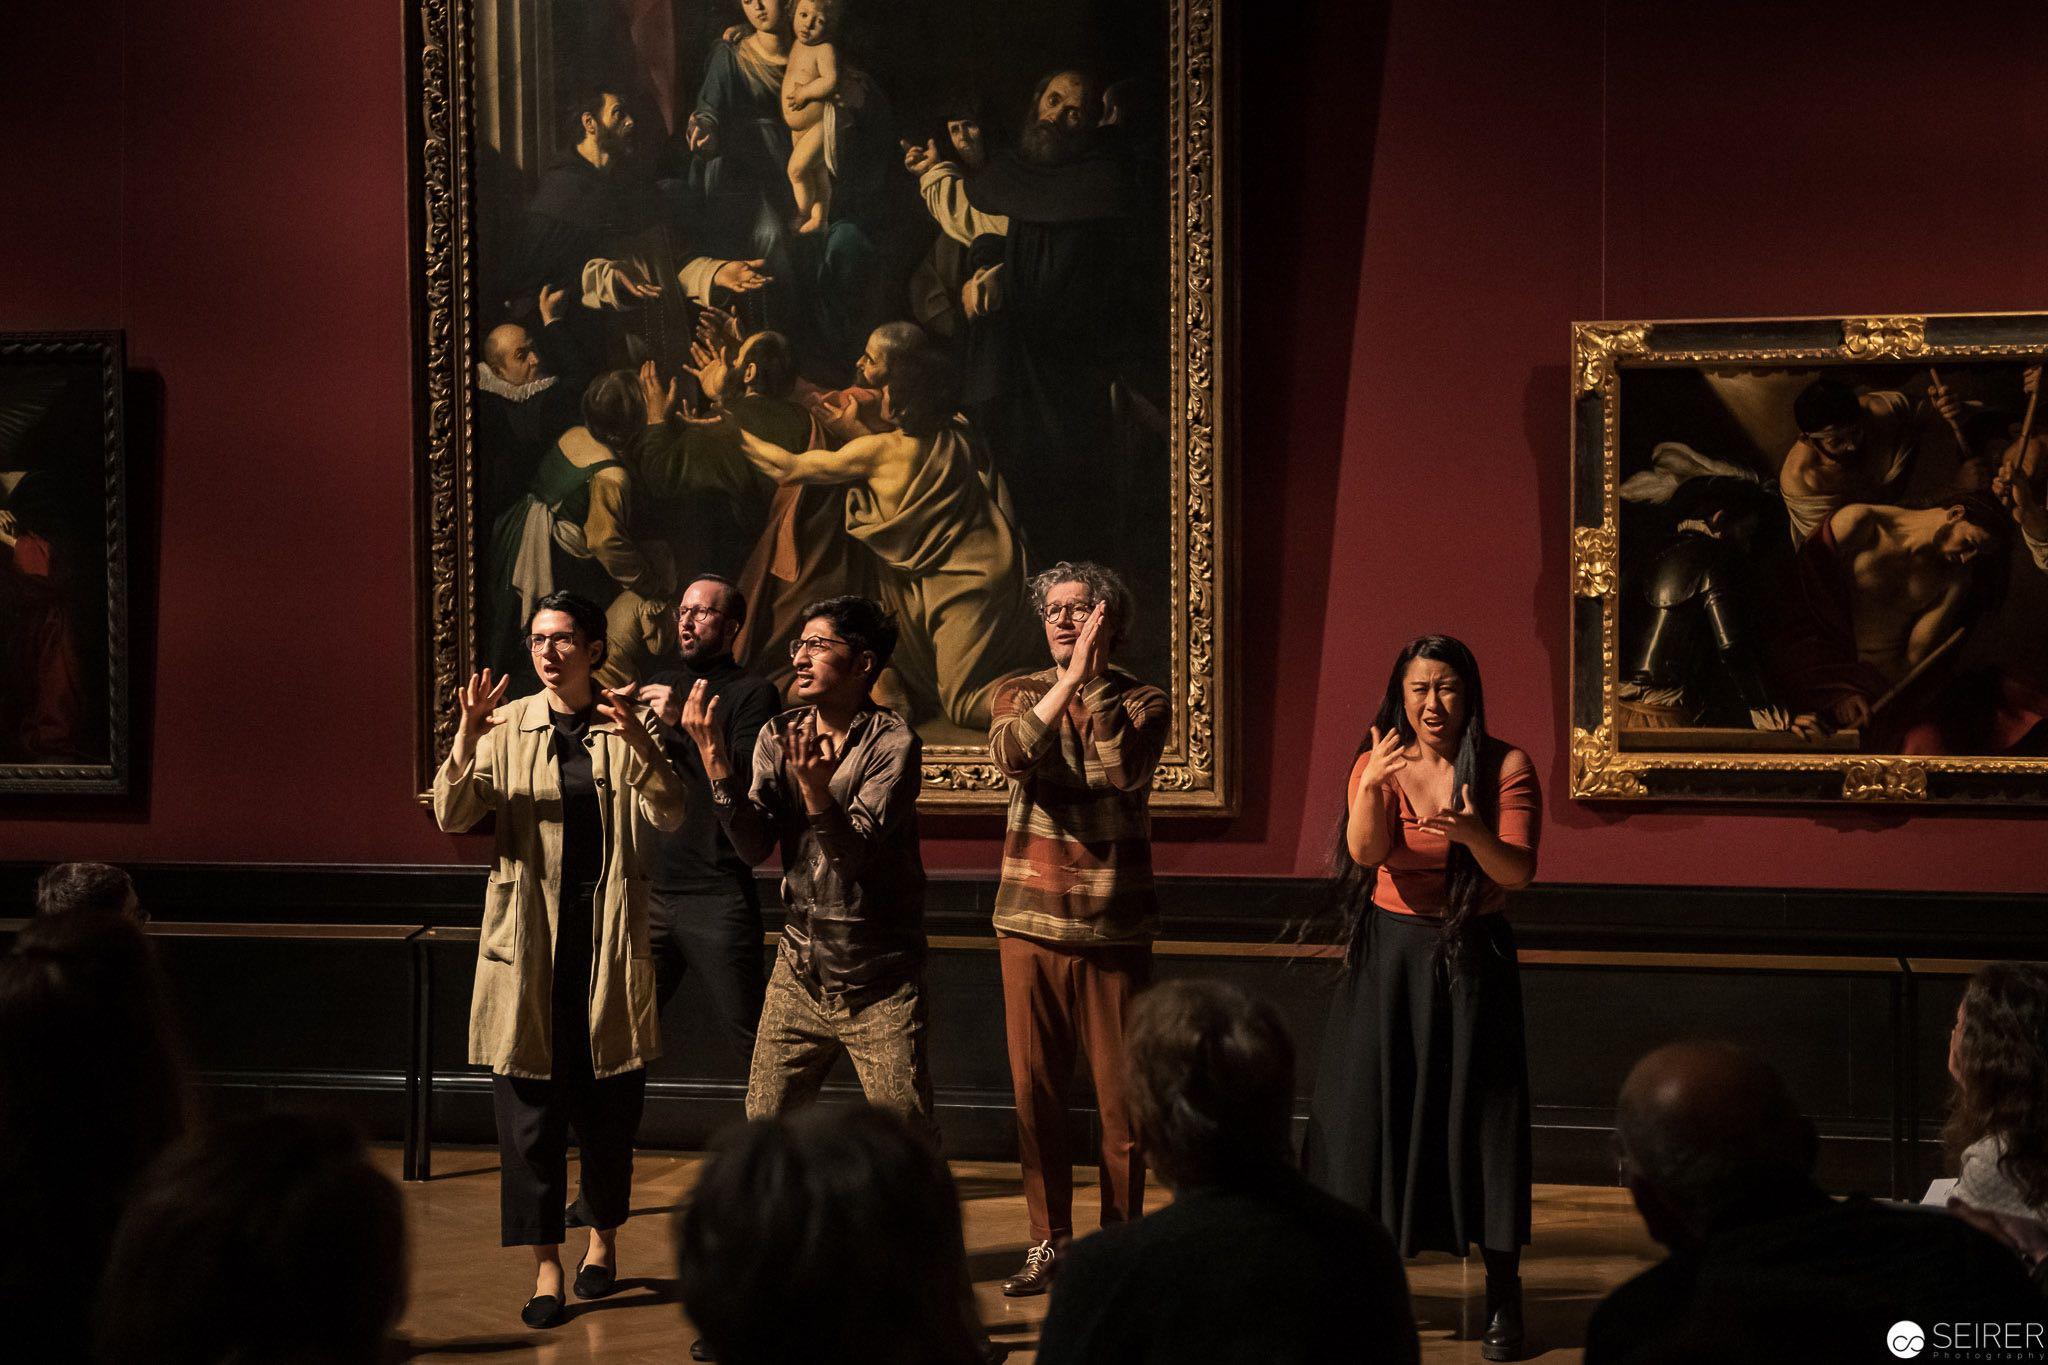 Die Hände, Jean Philippe Toussaint über die Rosenkranz Madonna von Caravaggio, es spielen Eva Böhm, Max Brandl, Alice Hu, Arun Mariavilasm und Christian Nickel